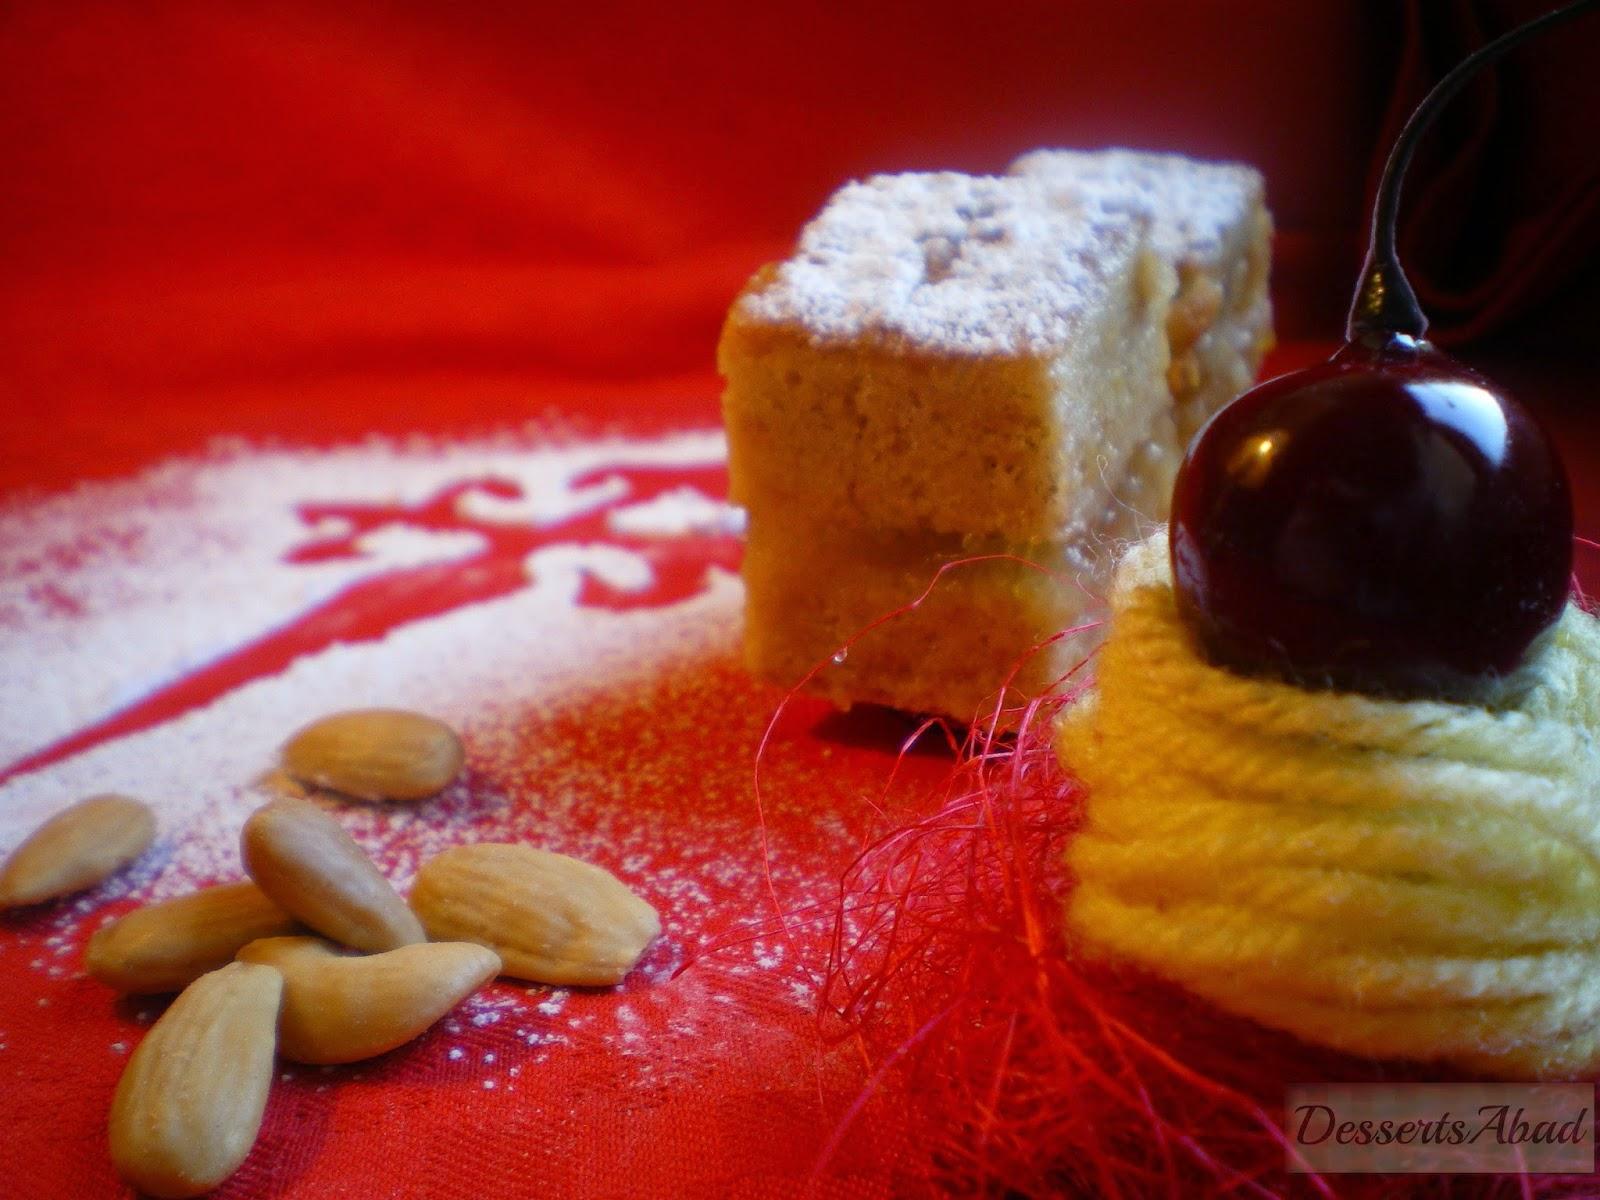 Pastelitos de Torta compostelana con cidra